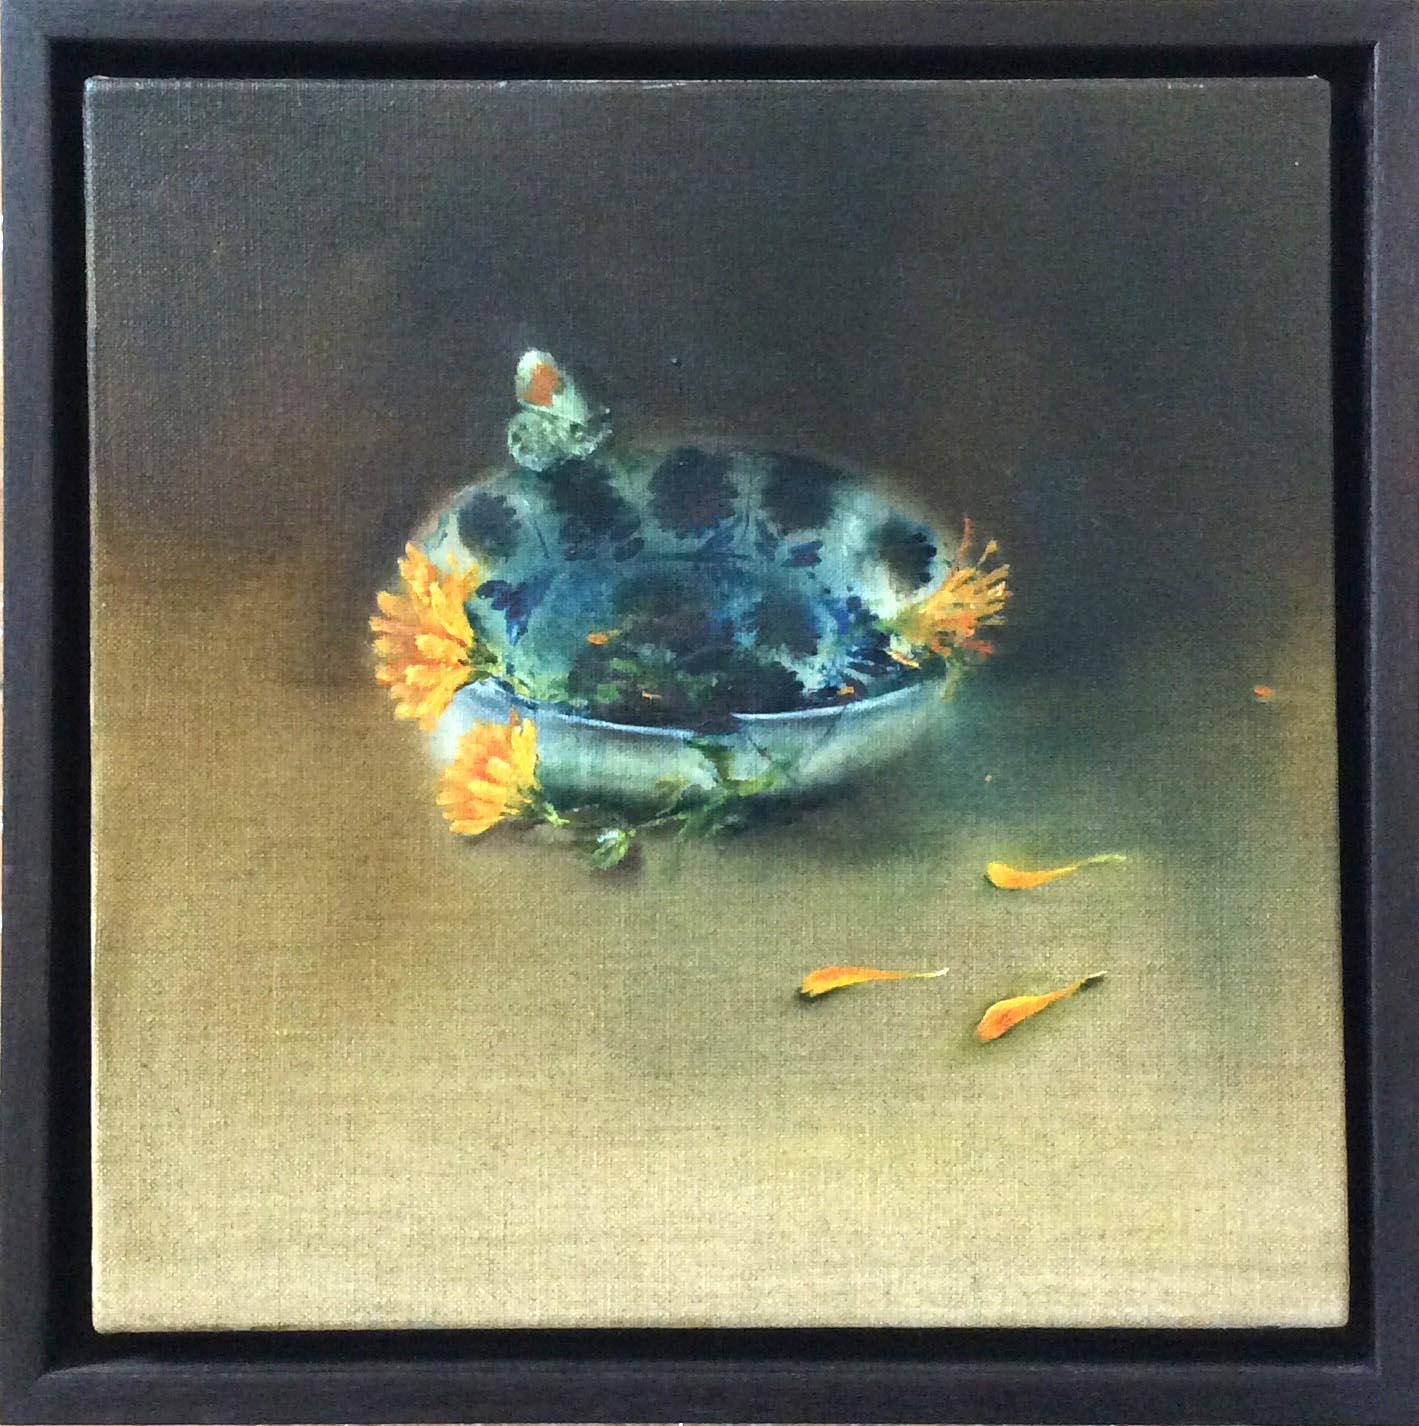 Linda Felcey Orange Tip, 28.5x29cm, Linda Felcey